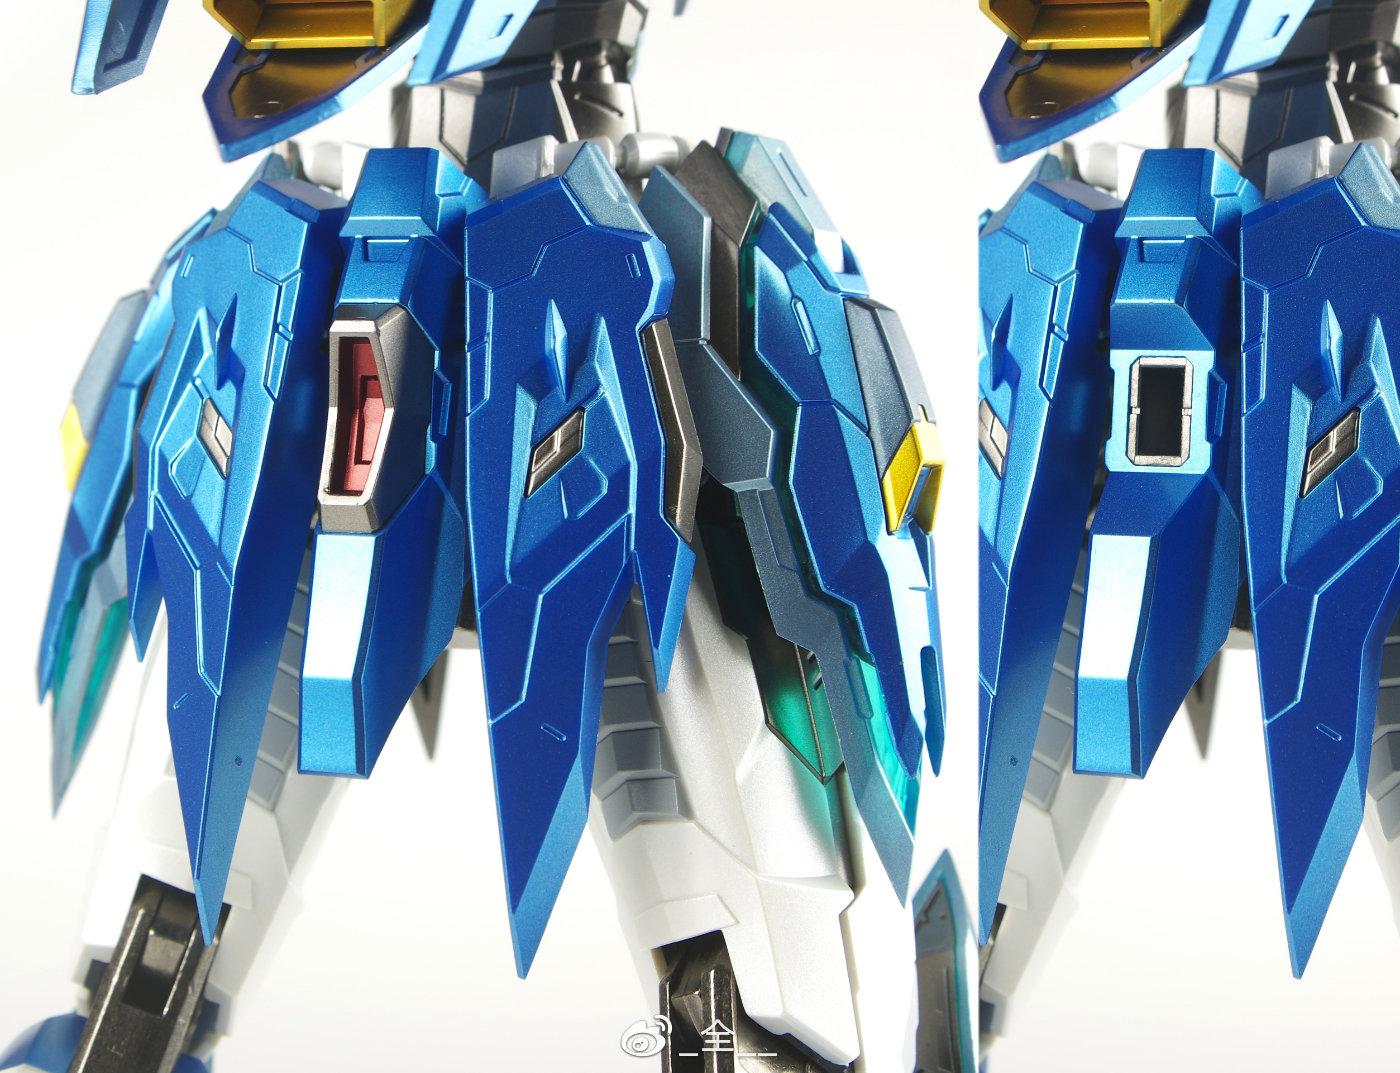 S470_MOTOR_NUCLEAR_MN_Q03_blue_gragon_ao_bing_di_hui_xing_han_long_zi_045.jpg